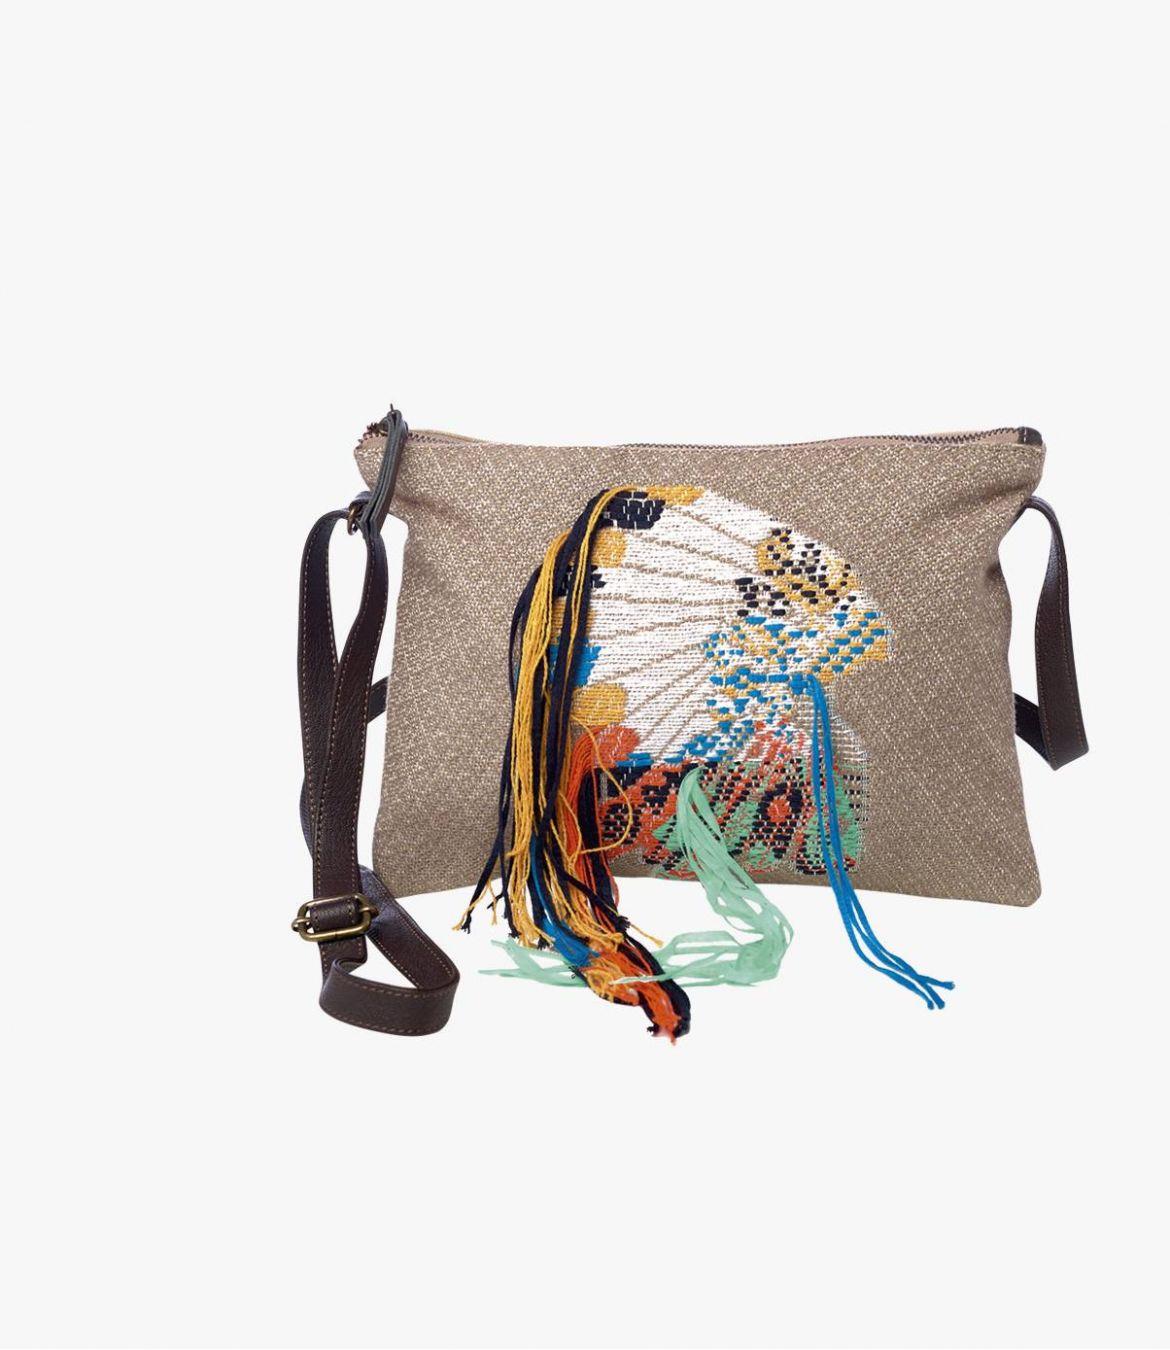 SUZY CHEF Pochette en Polyester, Polyamide, Coton, Cuir pour Femme 20 x 28 cm - 1